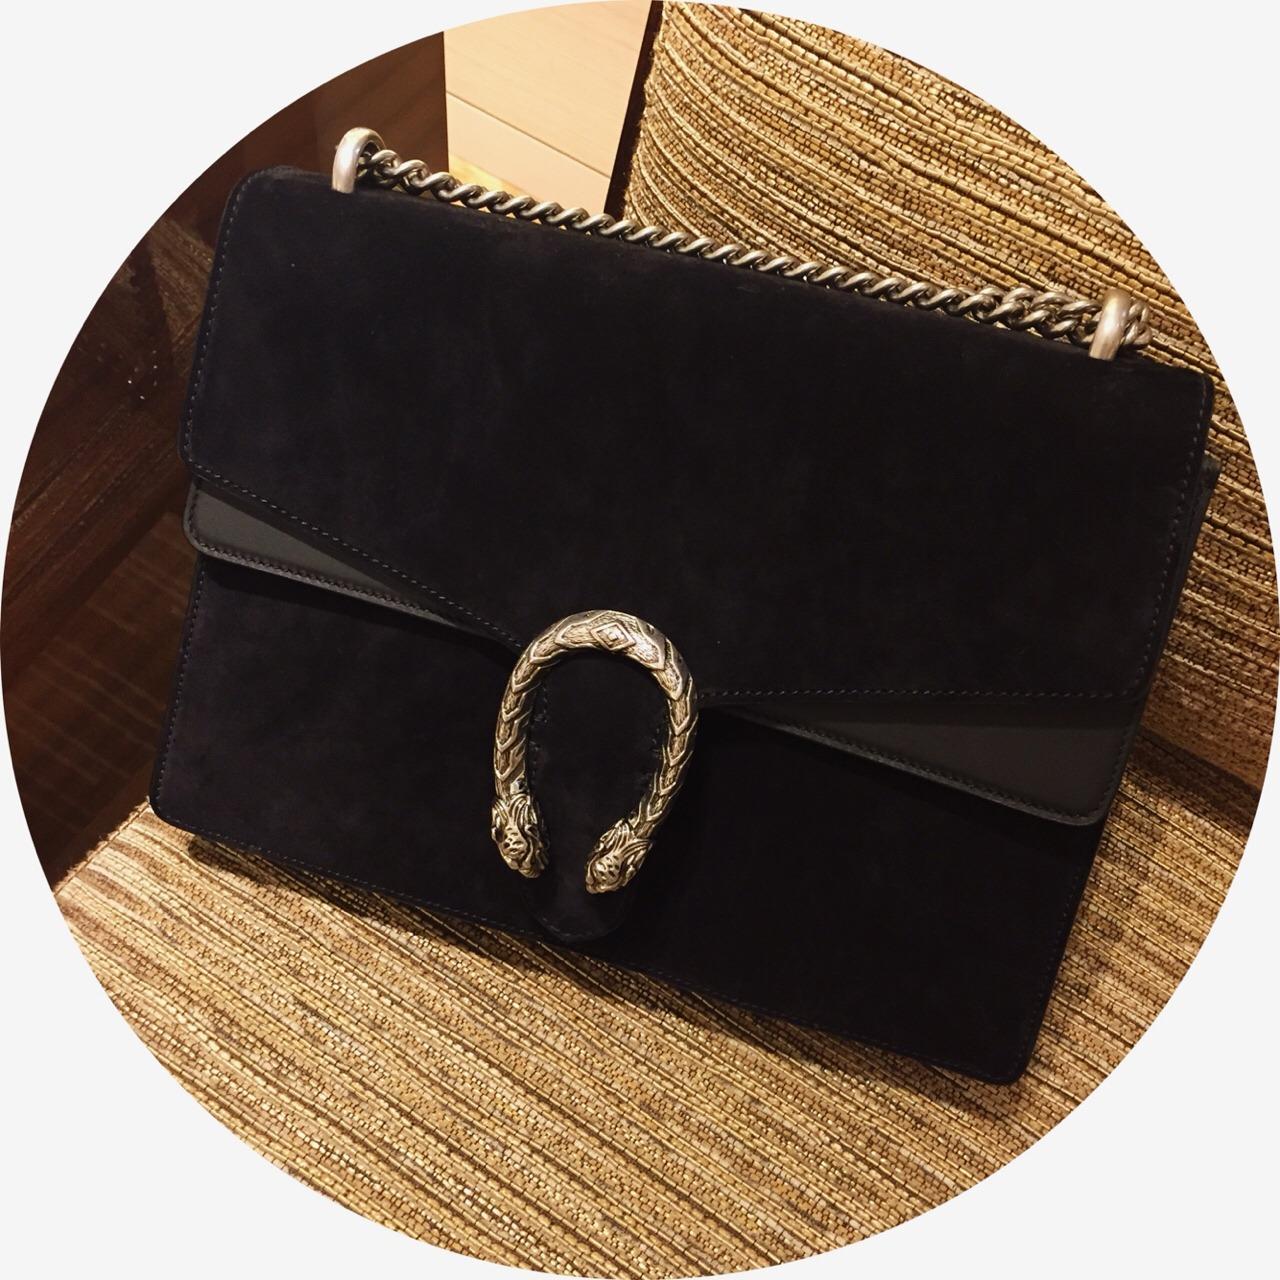 包 包包 挎包手袋 帽子 女包 手提包 1280_1280